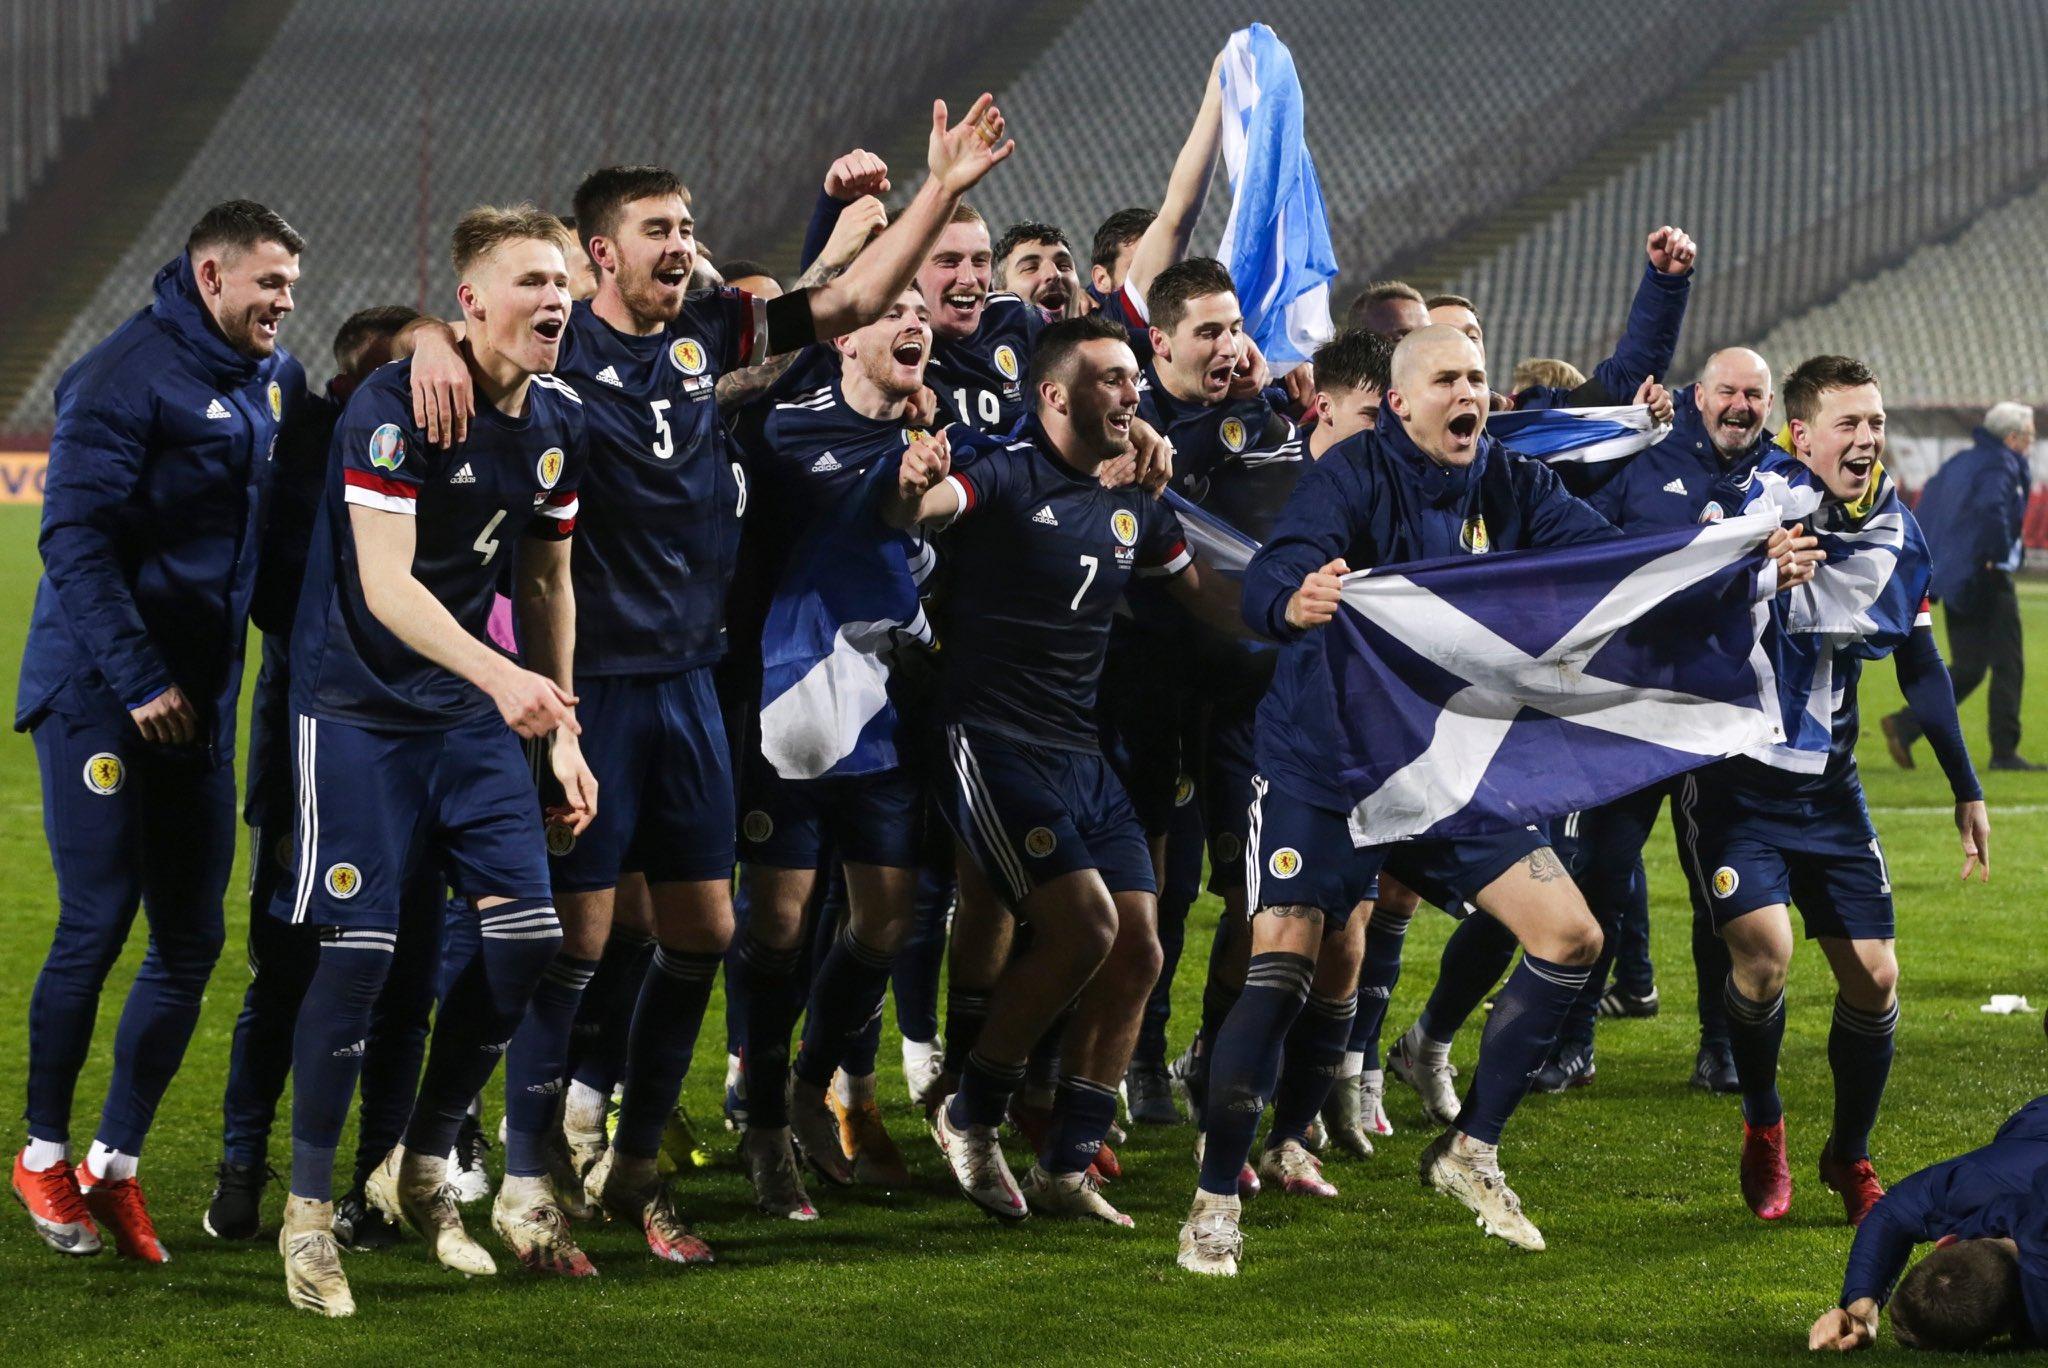 Escocia se ha clasificado para una Eurocopa 25 años después